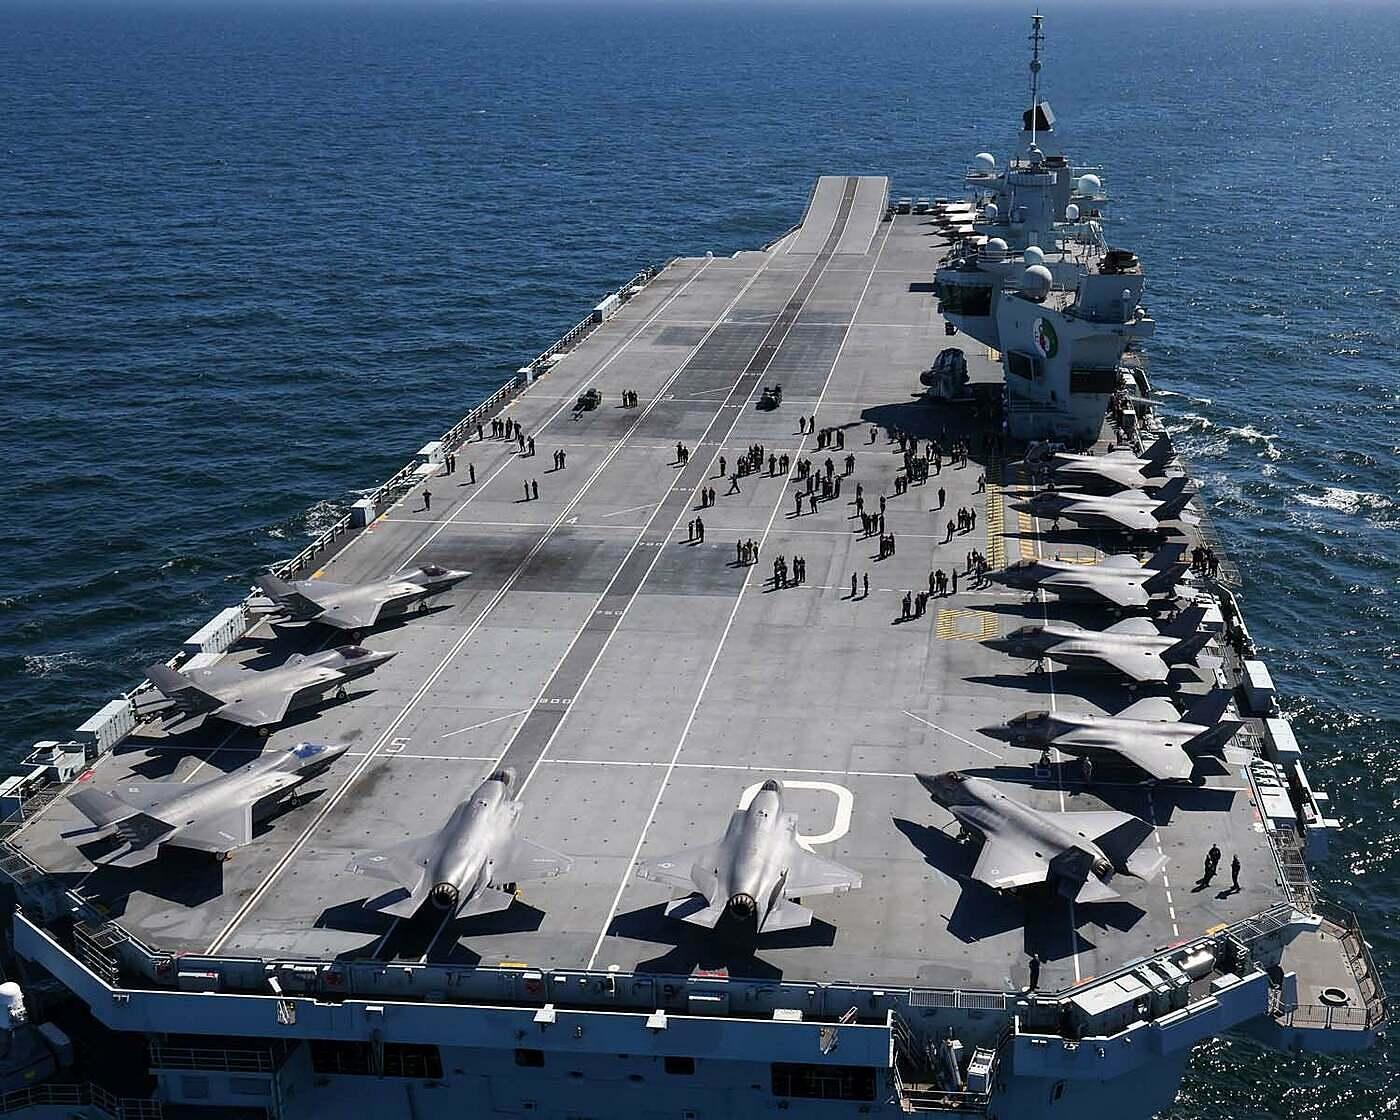 Máy bay thủy quân lục chiến Mỹ và không quân hoàng gia Anh trên tàu sân bay HMS Queen Elizabeth vào ngày 20/5. Ảnh: Bộ Quốc phòng Anh.